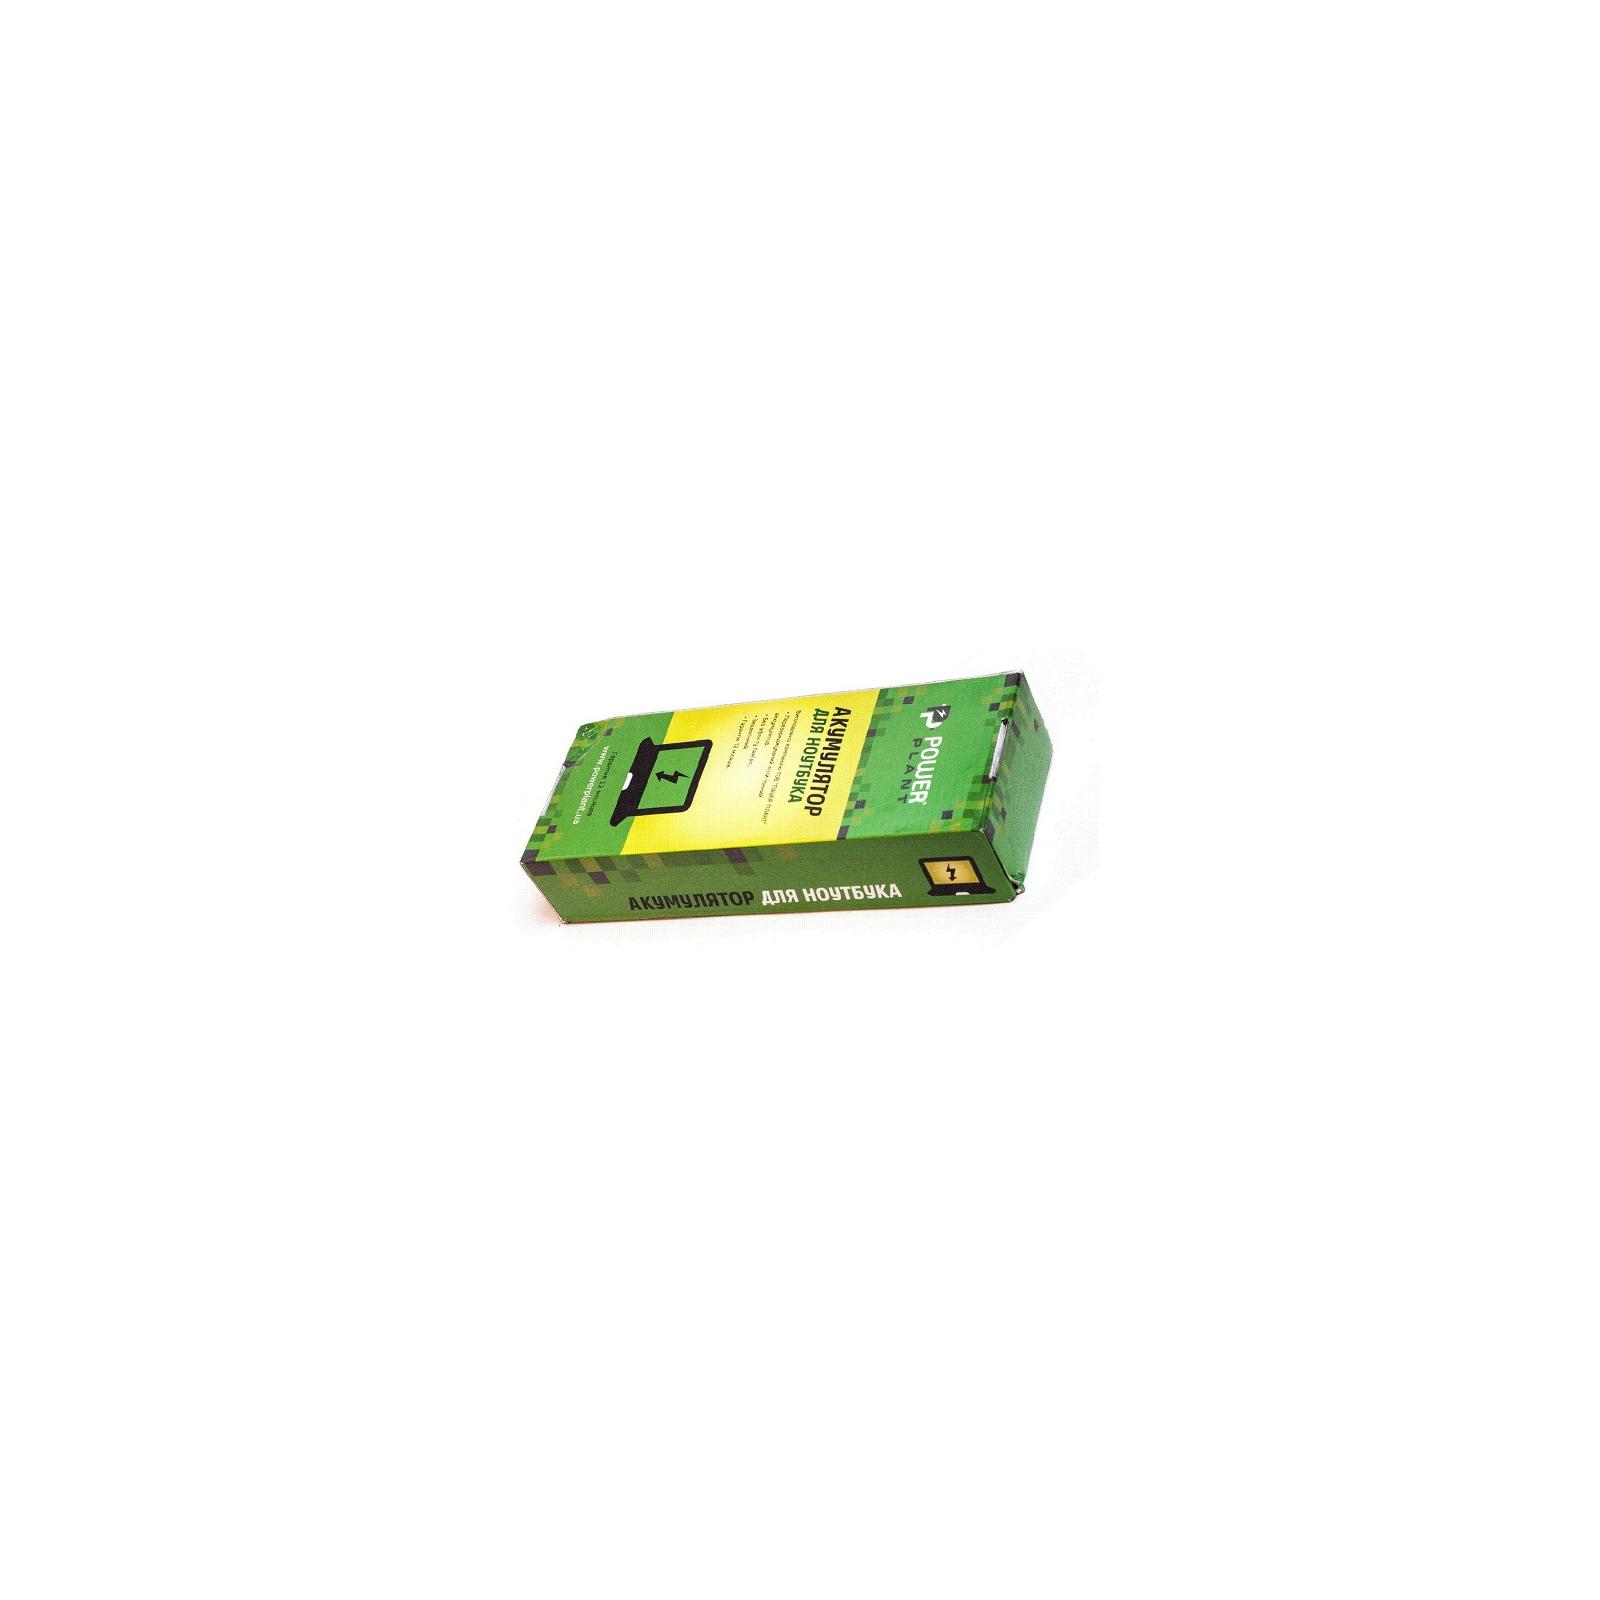 Аккумулятор для ноутбука TOSHIBA Dynabook T752 (PA5024U-1BRS) 10.8V 5200mAh PowerPlant (NB00000143) изображение 3